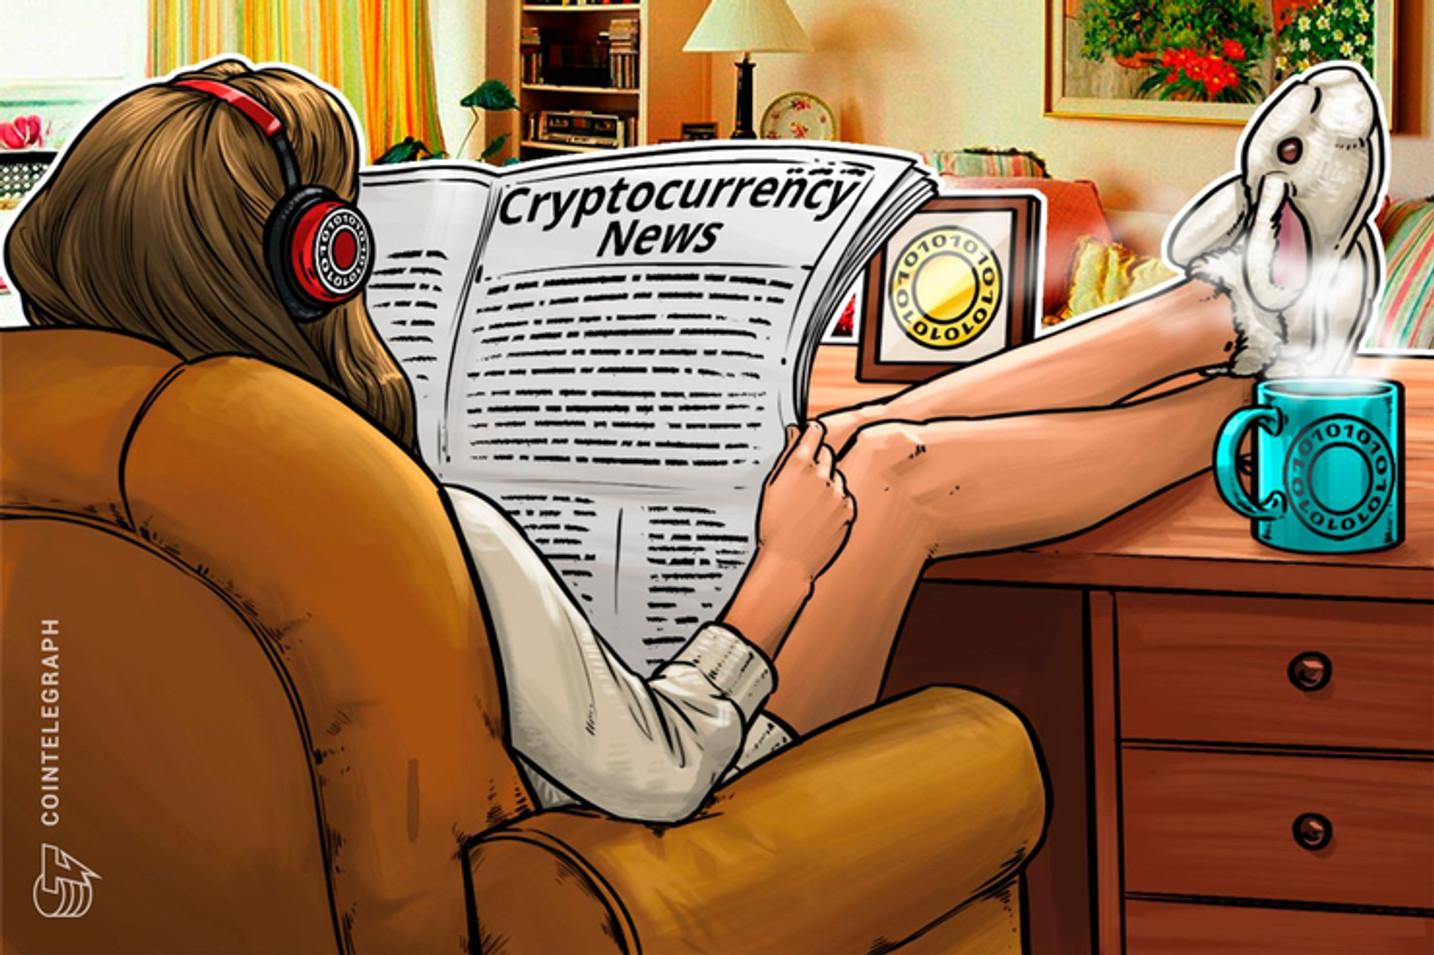 仮想通貨取引所Bybit「私たちは常に規制に準拠している」、ビットメックスの訴追を巡りコメント